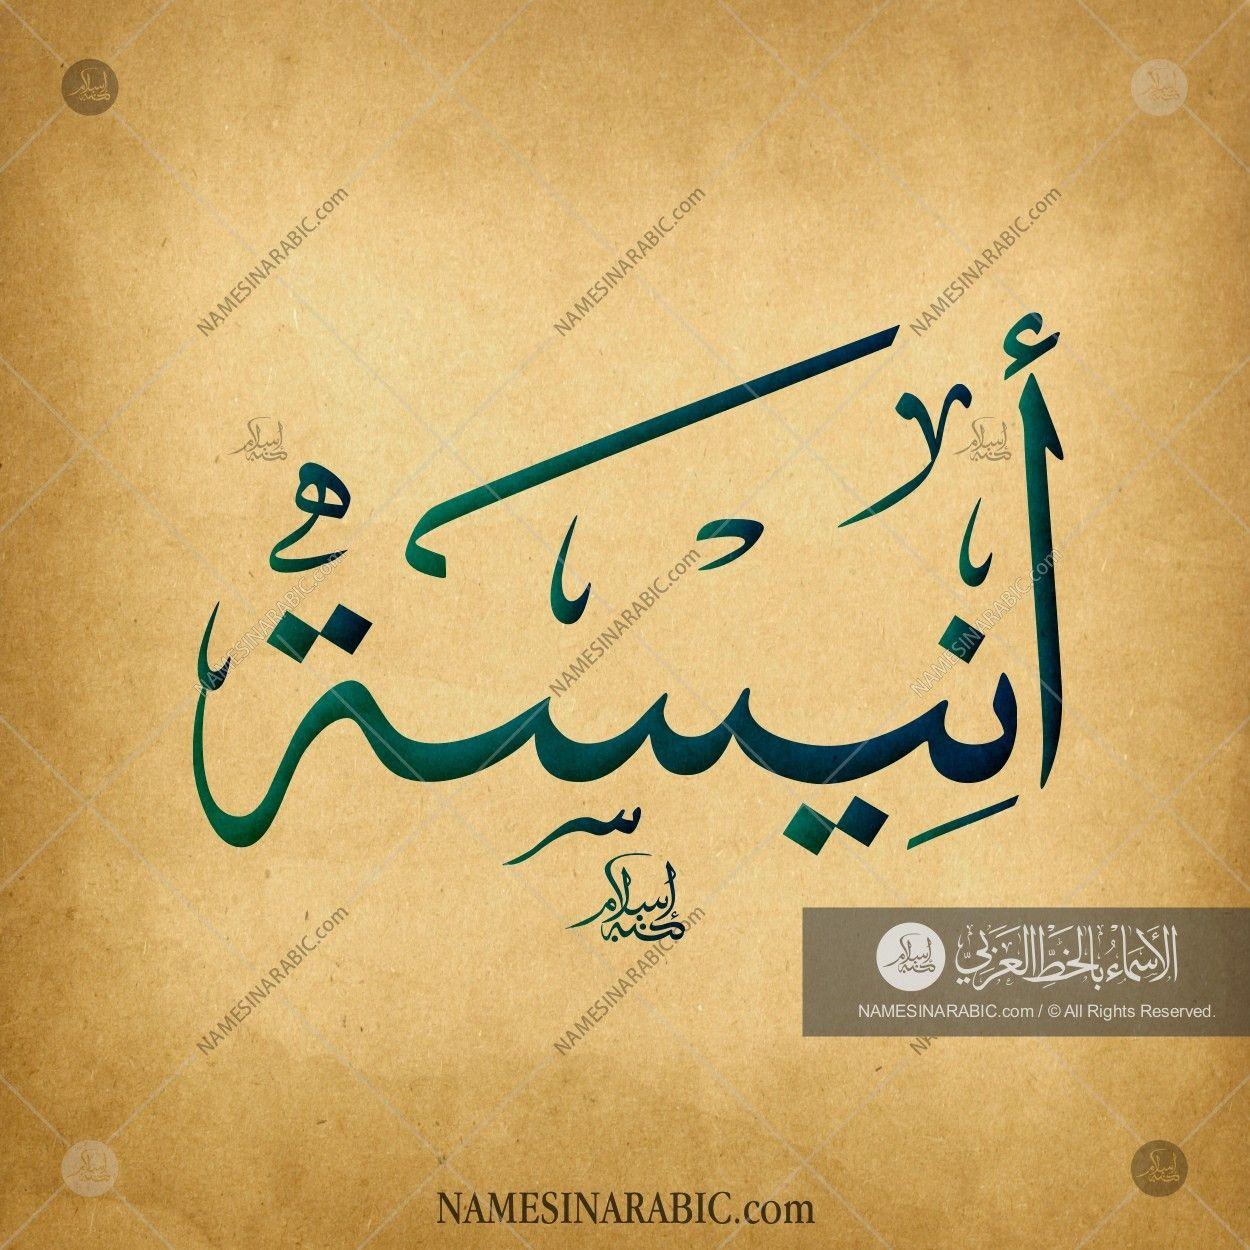 Anisah انيسة Names In Arabic Calligraphy Name 3238 Calligraphy Name Calligraphy Names